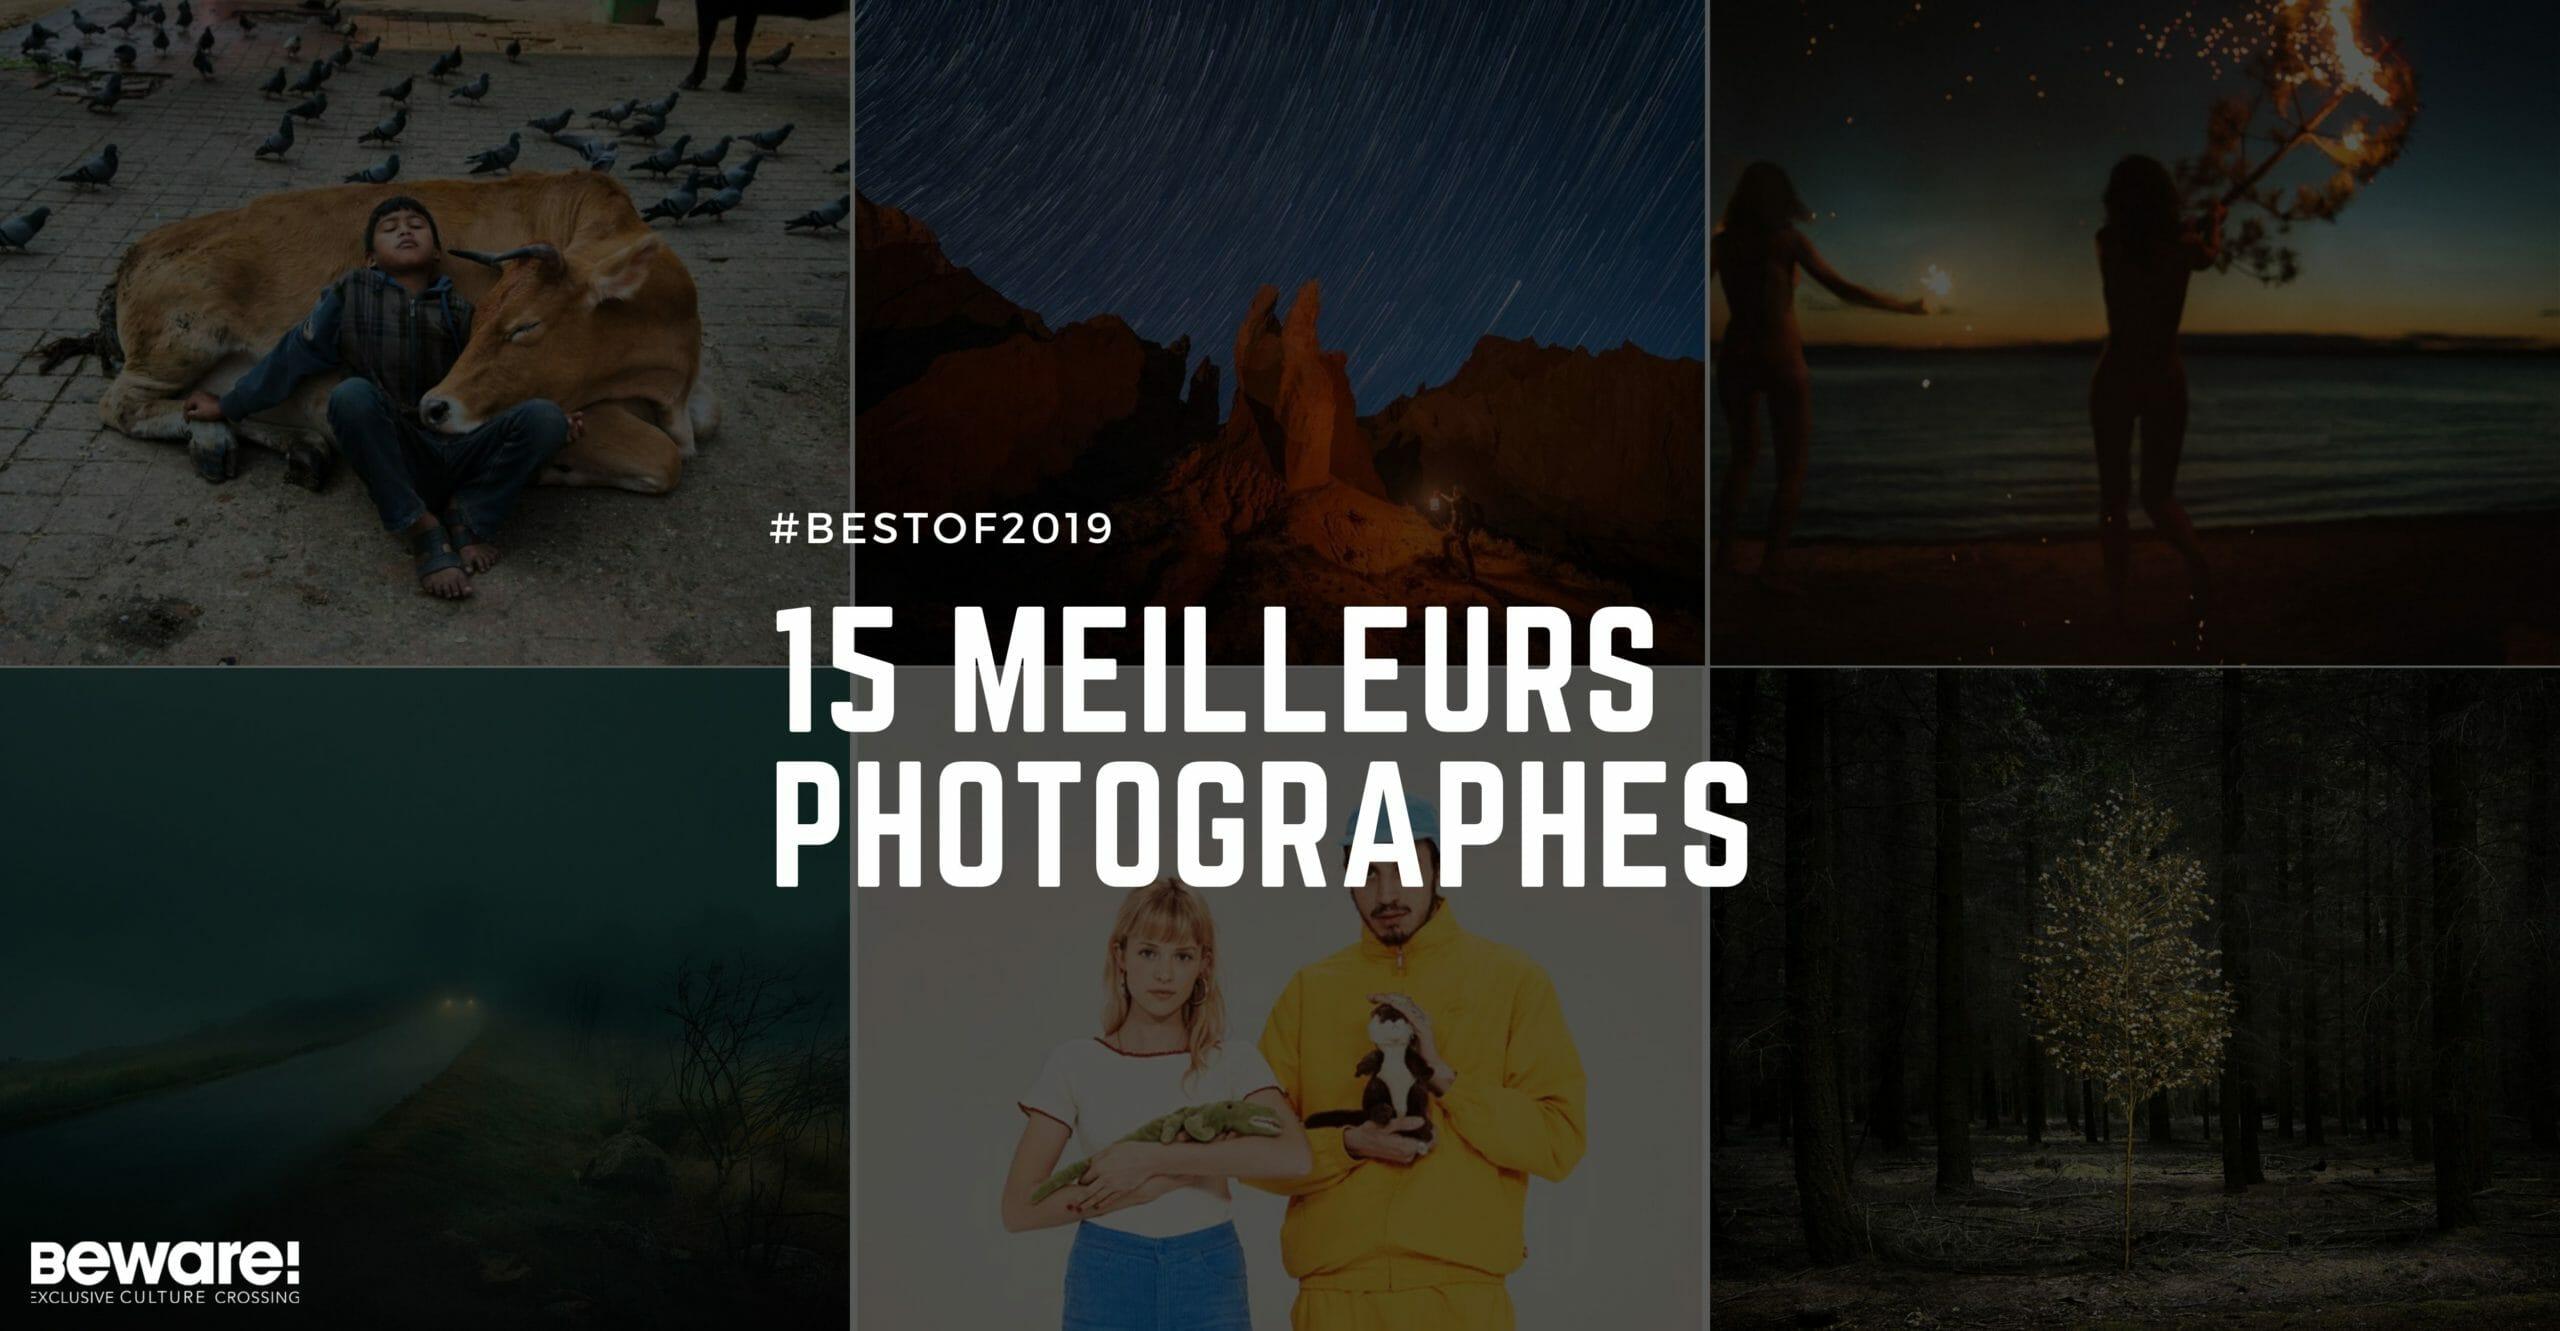 Meilleurs photographes de l'année 2019